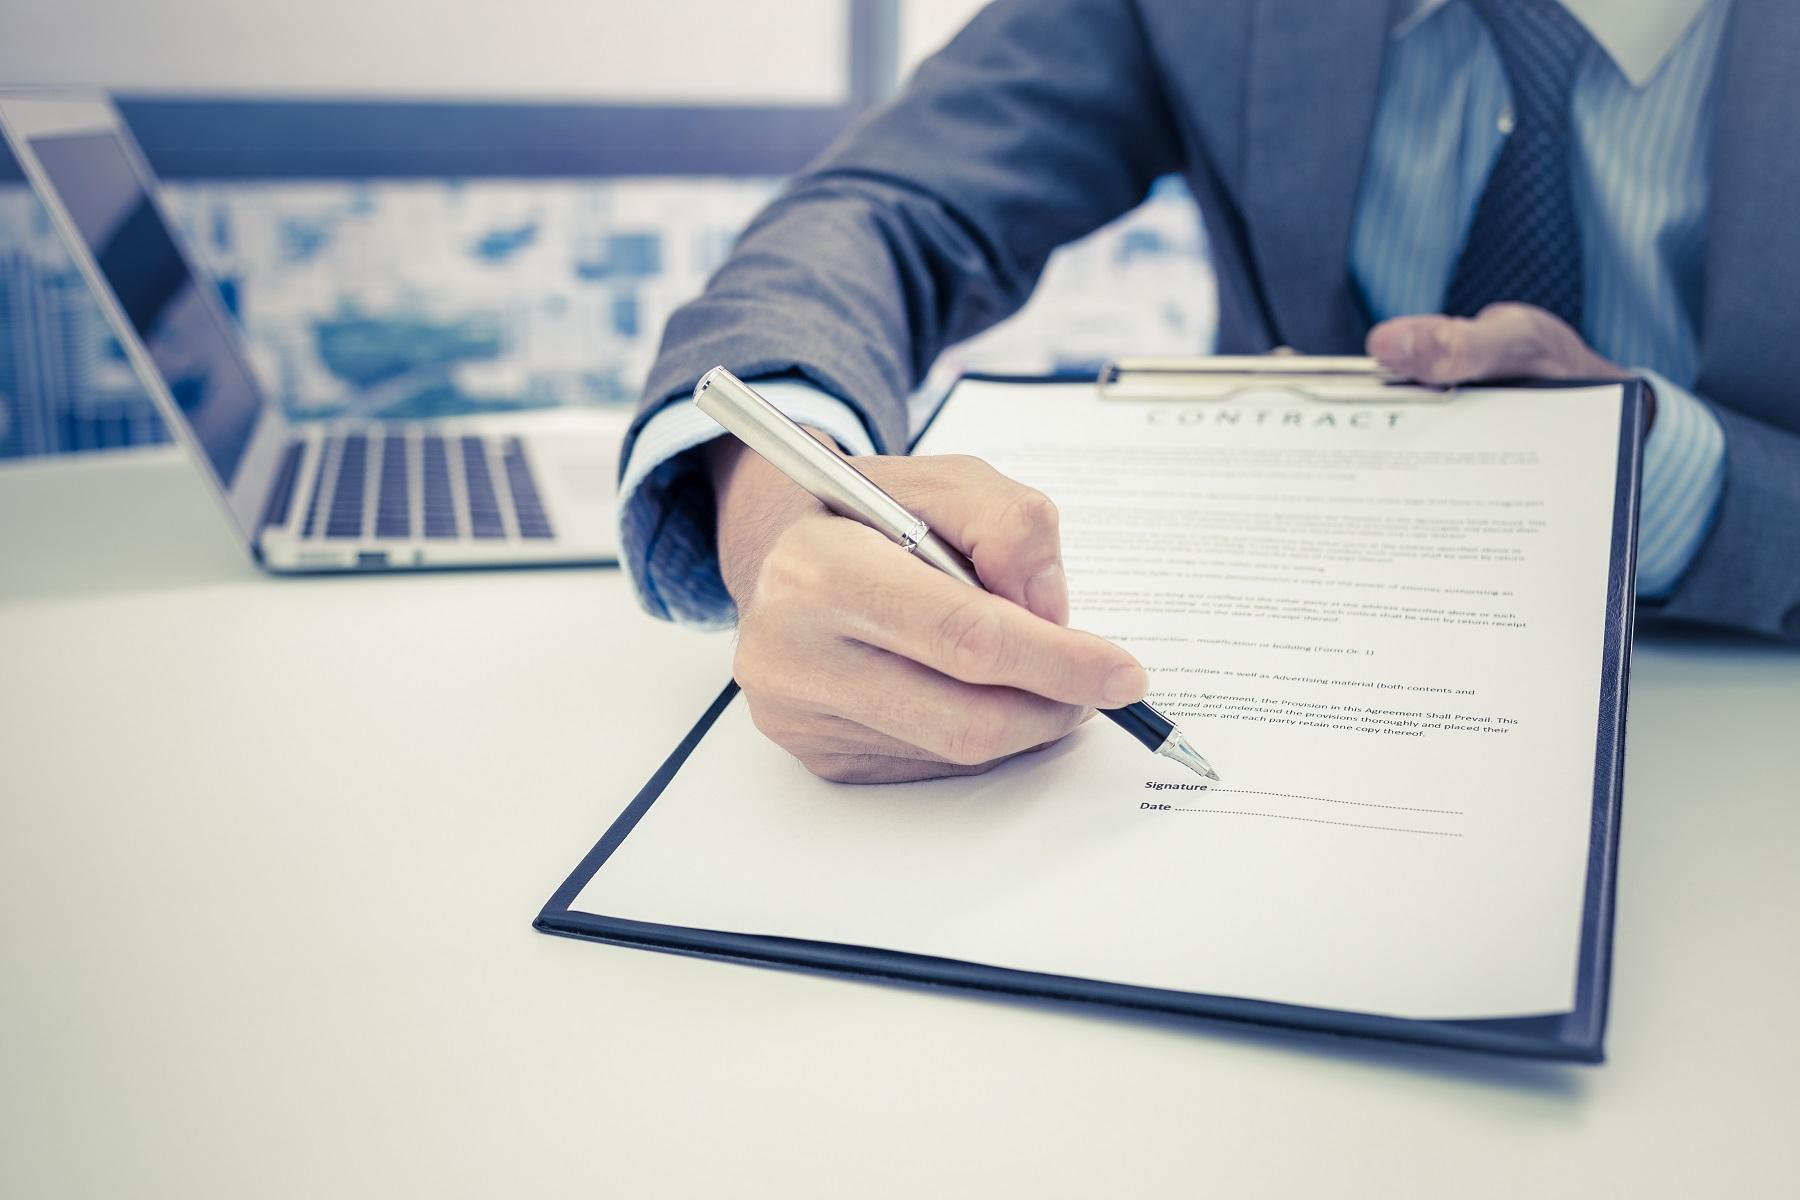 Il contratto stipulato in violazione delle norme penali: truffa, usura e circonvenzione di incapace